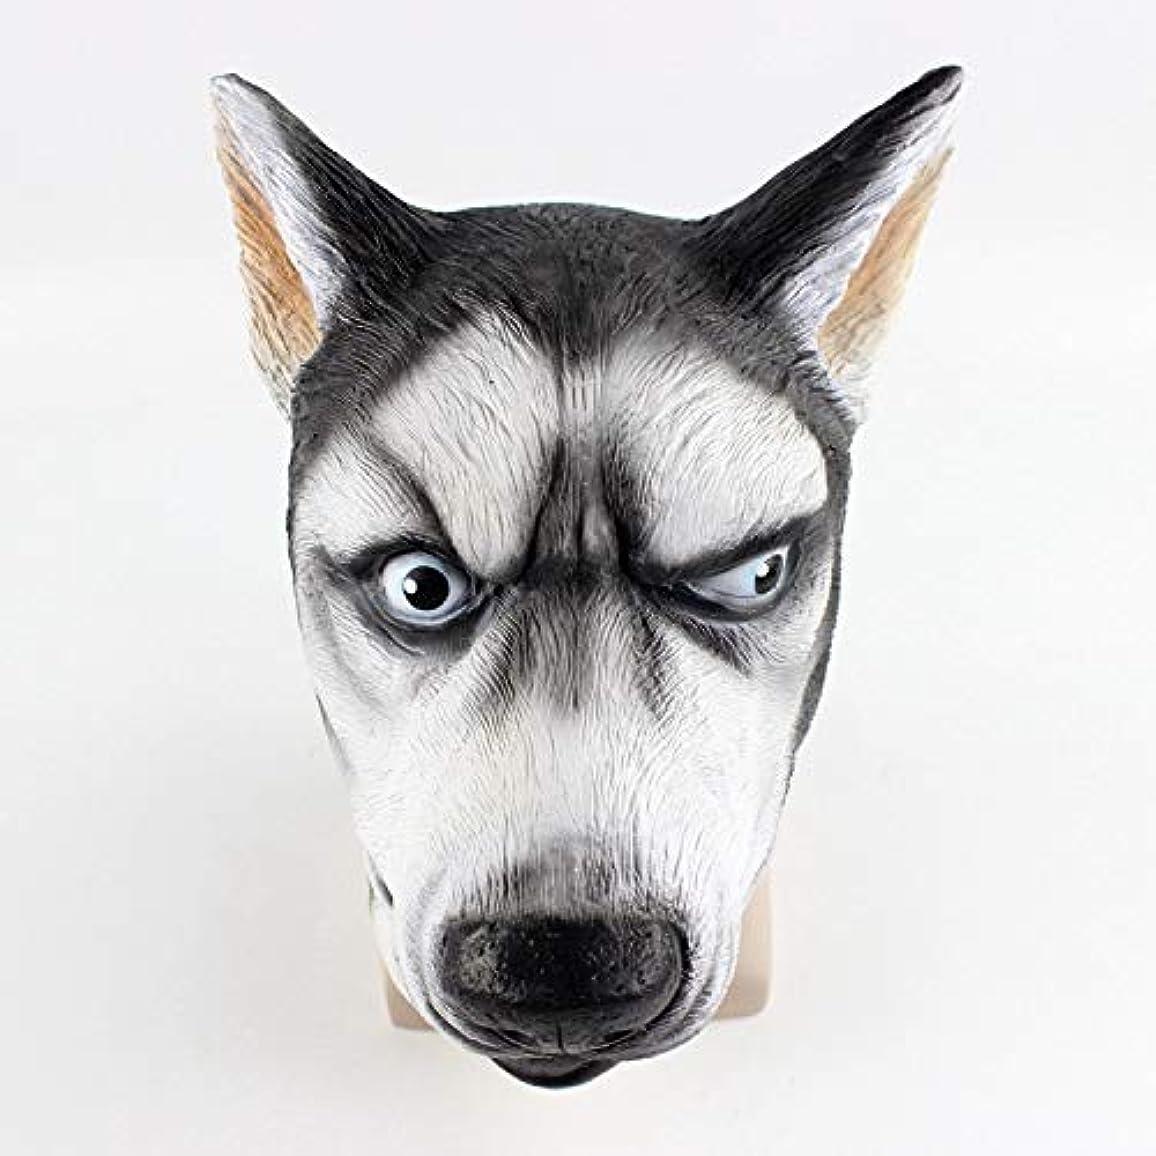 ハック余剰リングシベリアンハスキー犬ラテックス動物ヘッドマスクノベルティコスチュームラバーマスク用ハロウィン動物犬ヘッドマスク